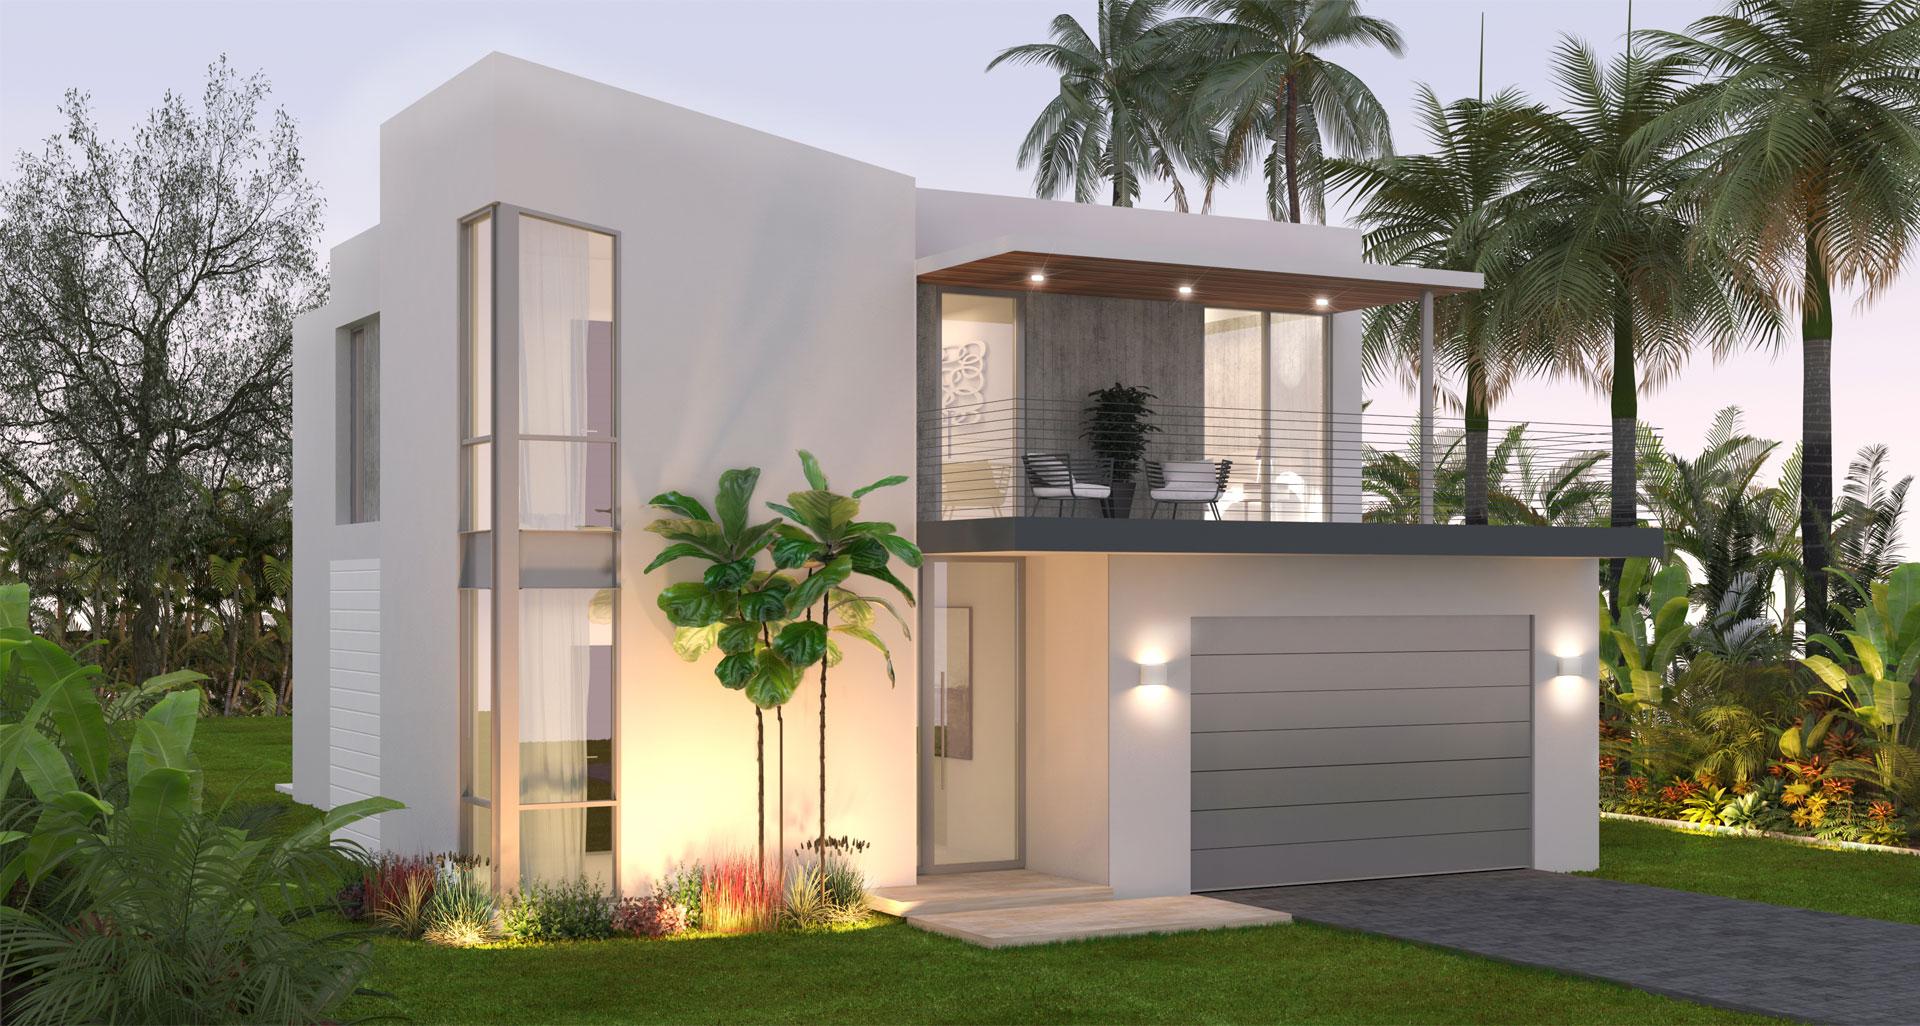 Architecture project in Guam 3 Unit Complex